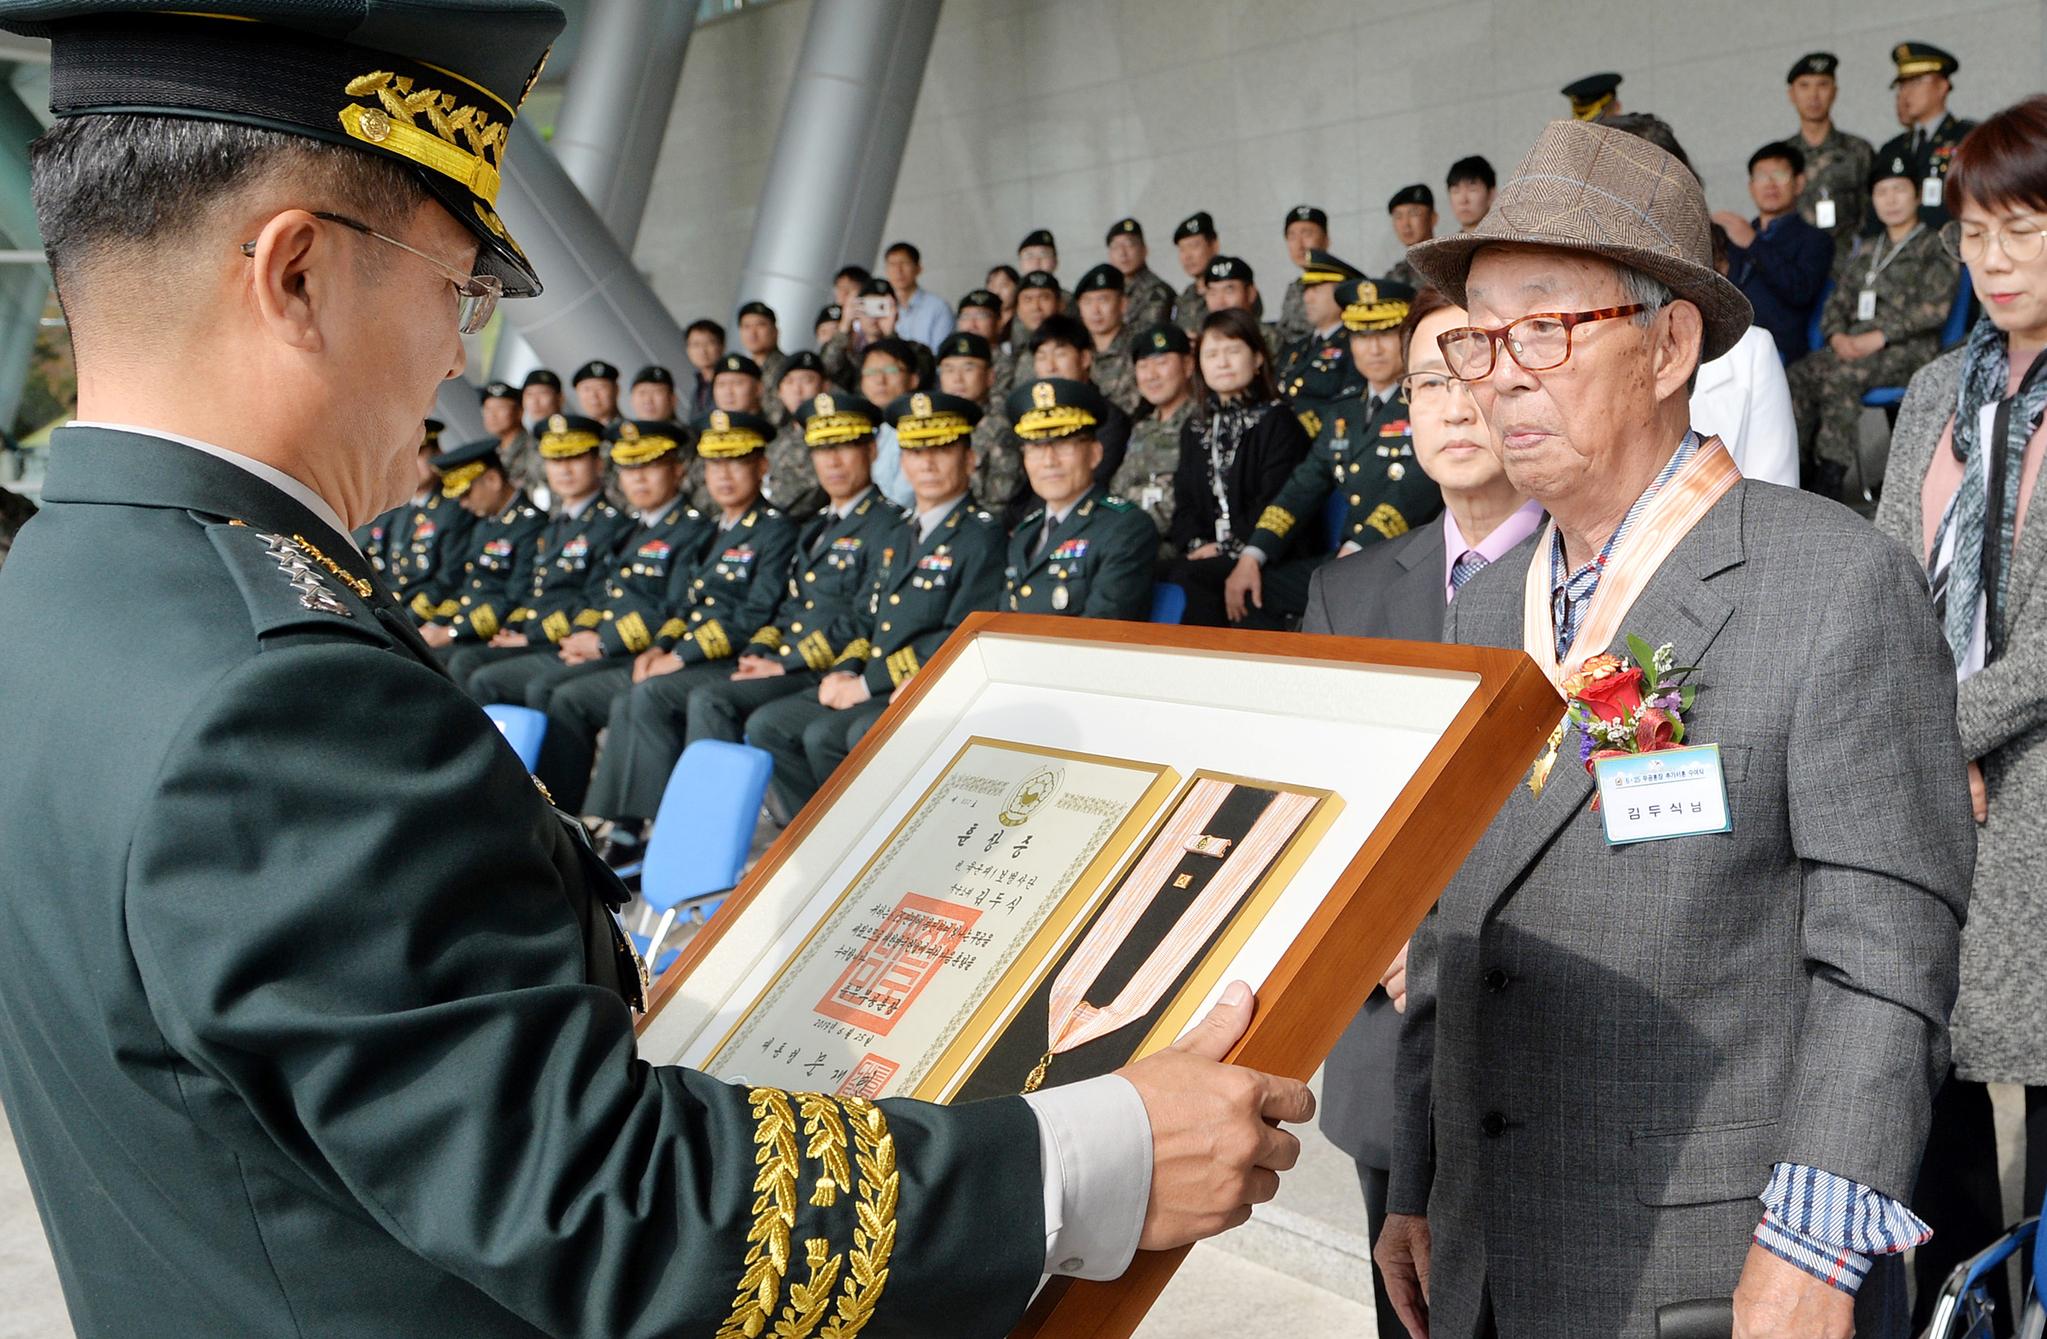 6.25 전쟁 전투 영웅 무공훈장 수여식이 14일 충남 계룡대 대연병장에서 열렸다. 서욱 육군참모총장이 김두식(88) 예비역 중령(당시 소위)에게 무공훈장을 수여하고 있다. 프리랜서 김성태